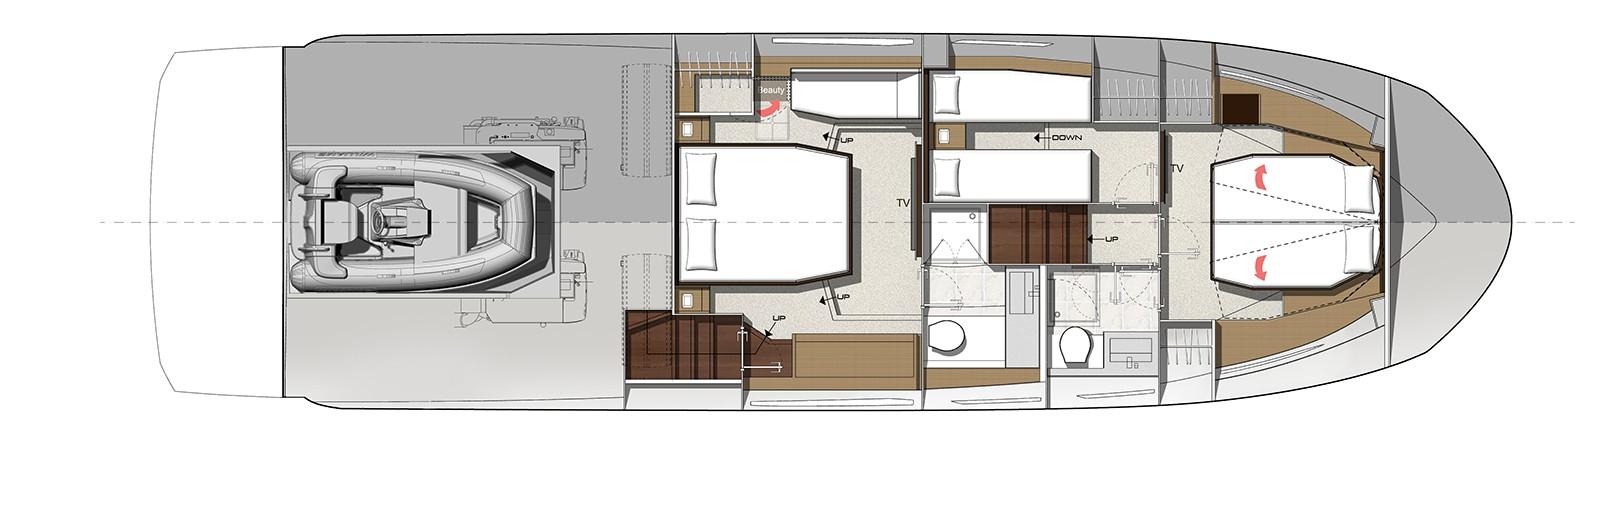 PRESTIGE-520-VERSION-GARAGE-lower-deck-